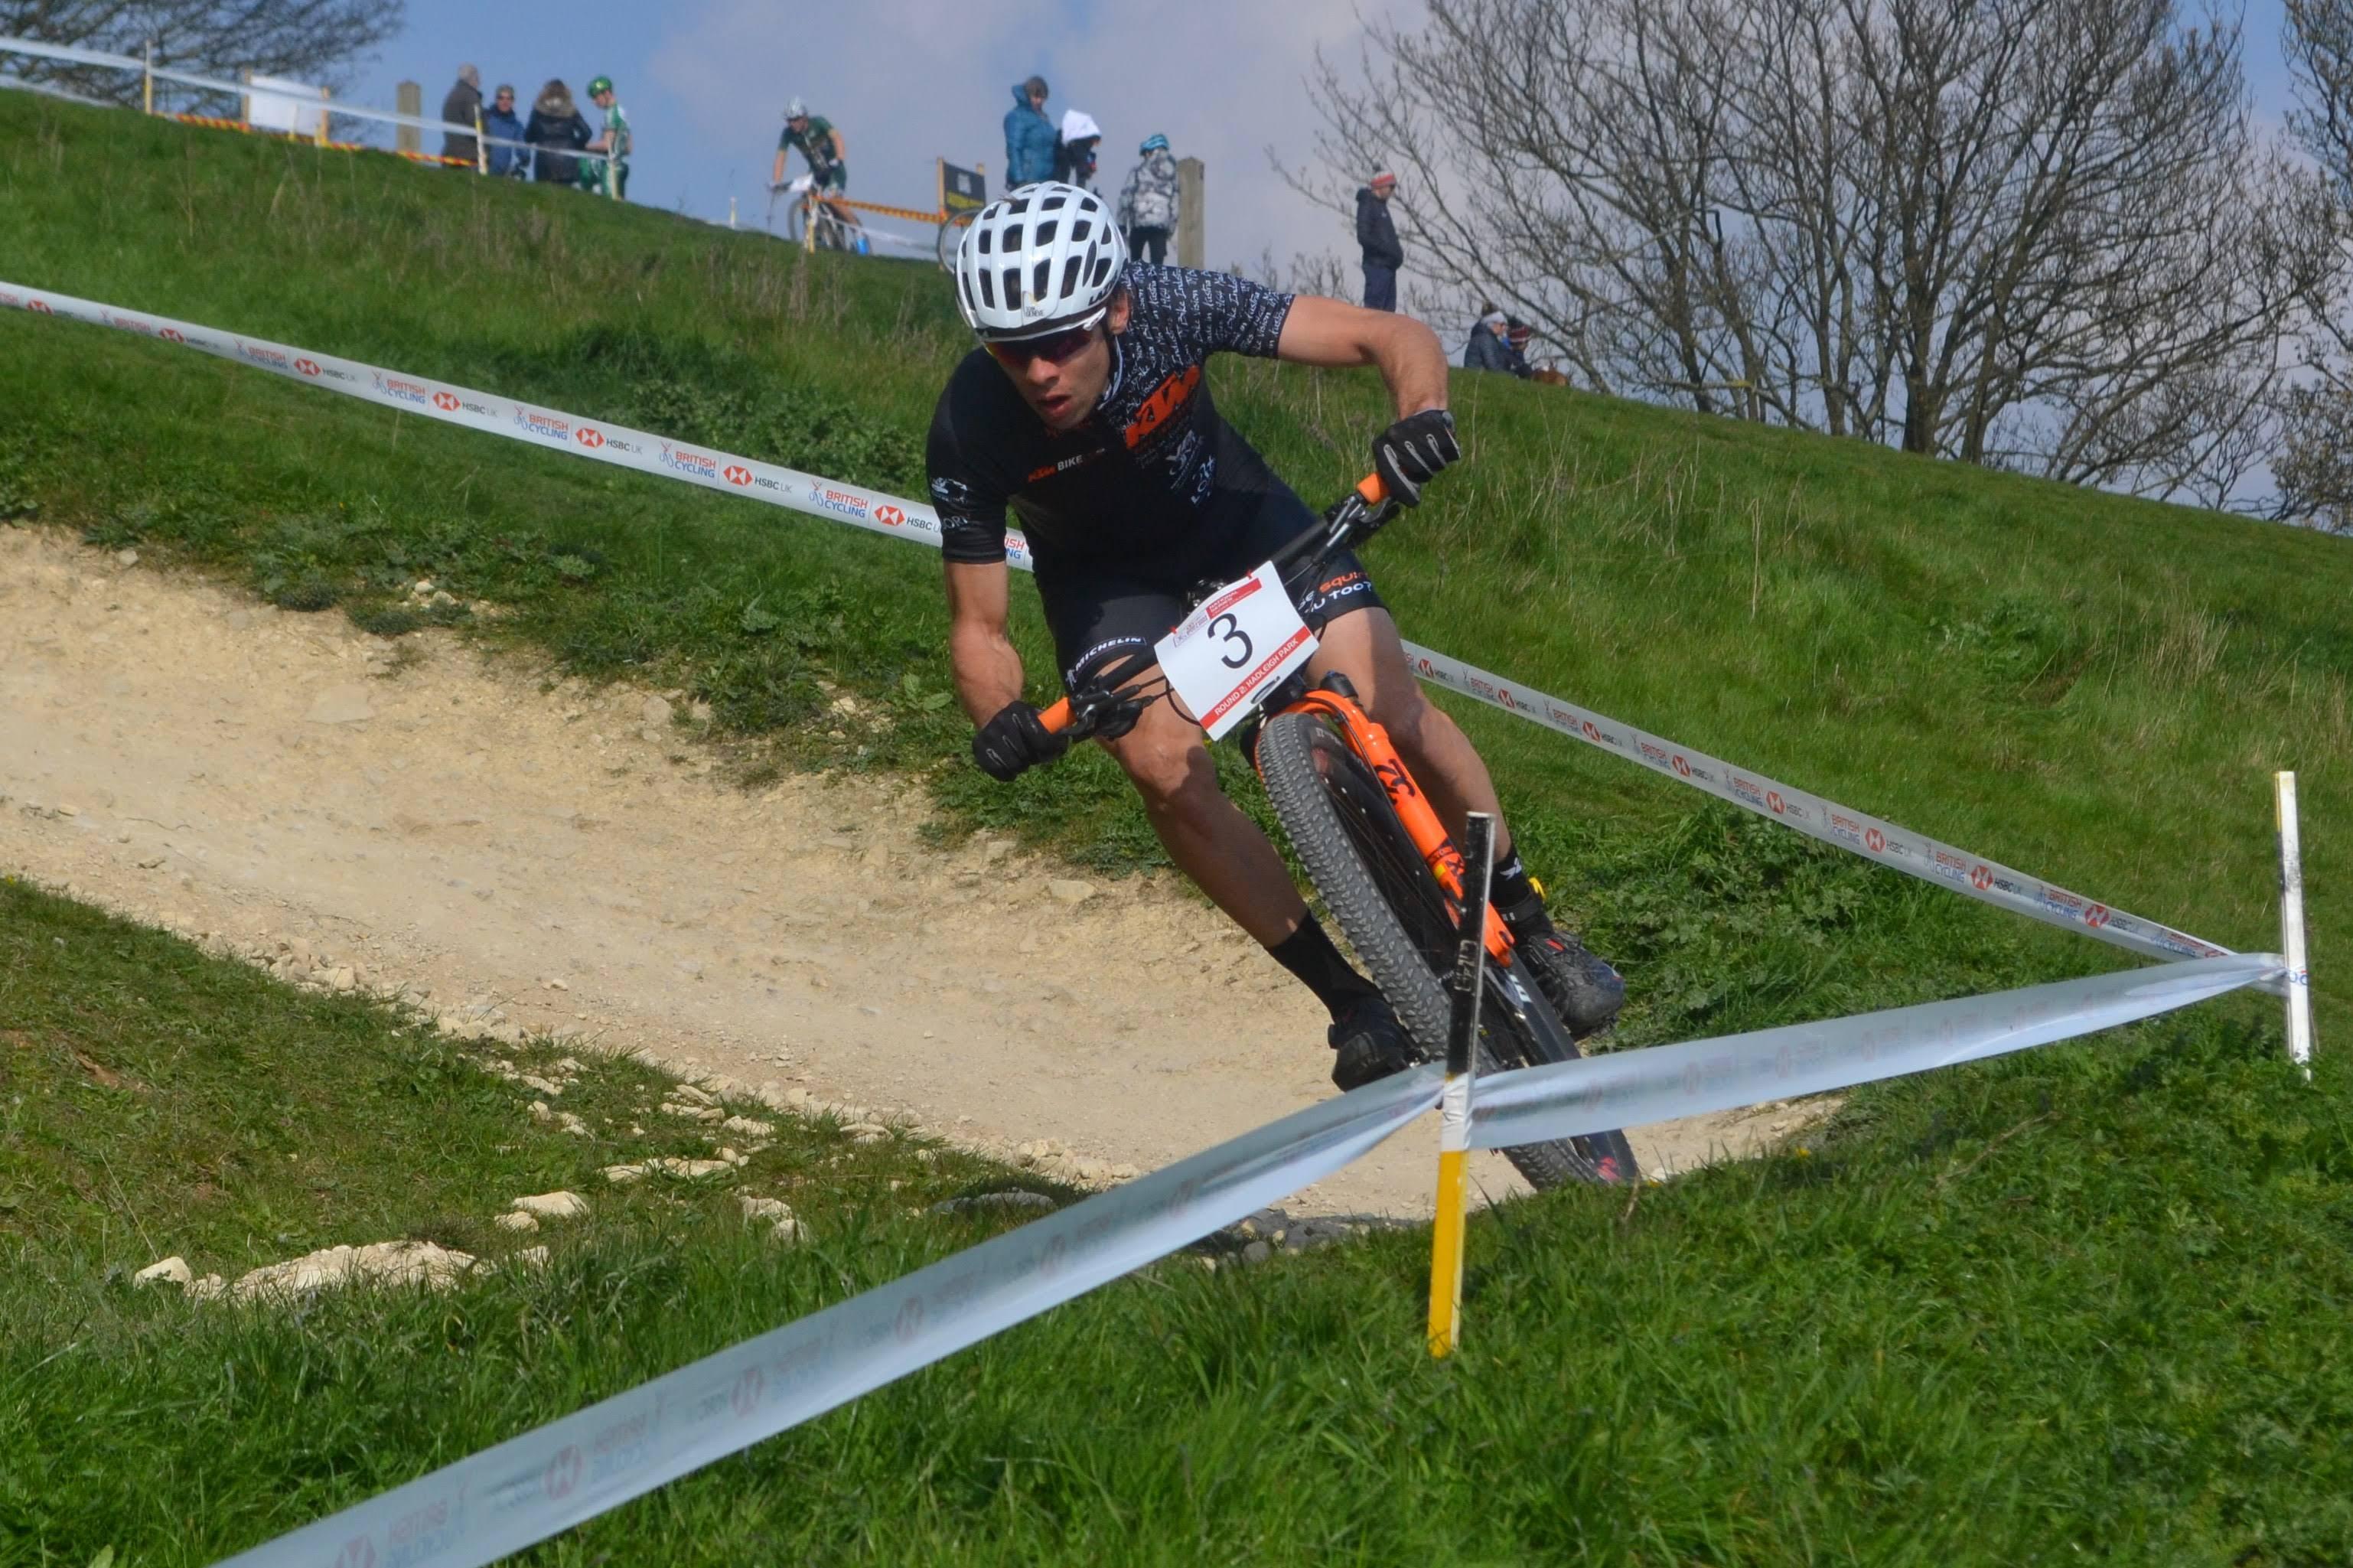 KTM Bikevision bikers reden in Saalhausen en Hadleigh Park